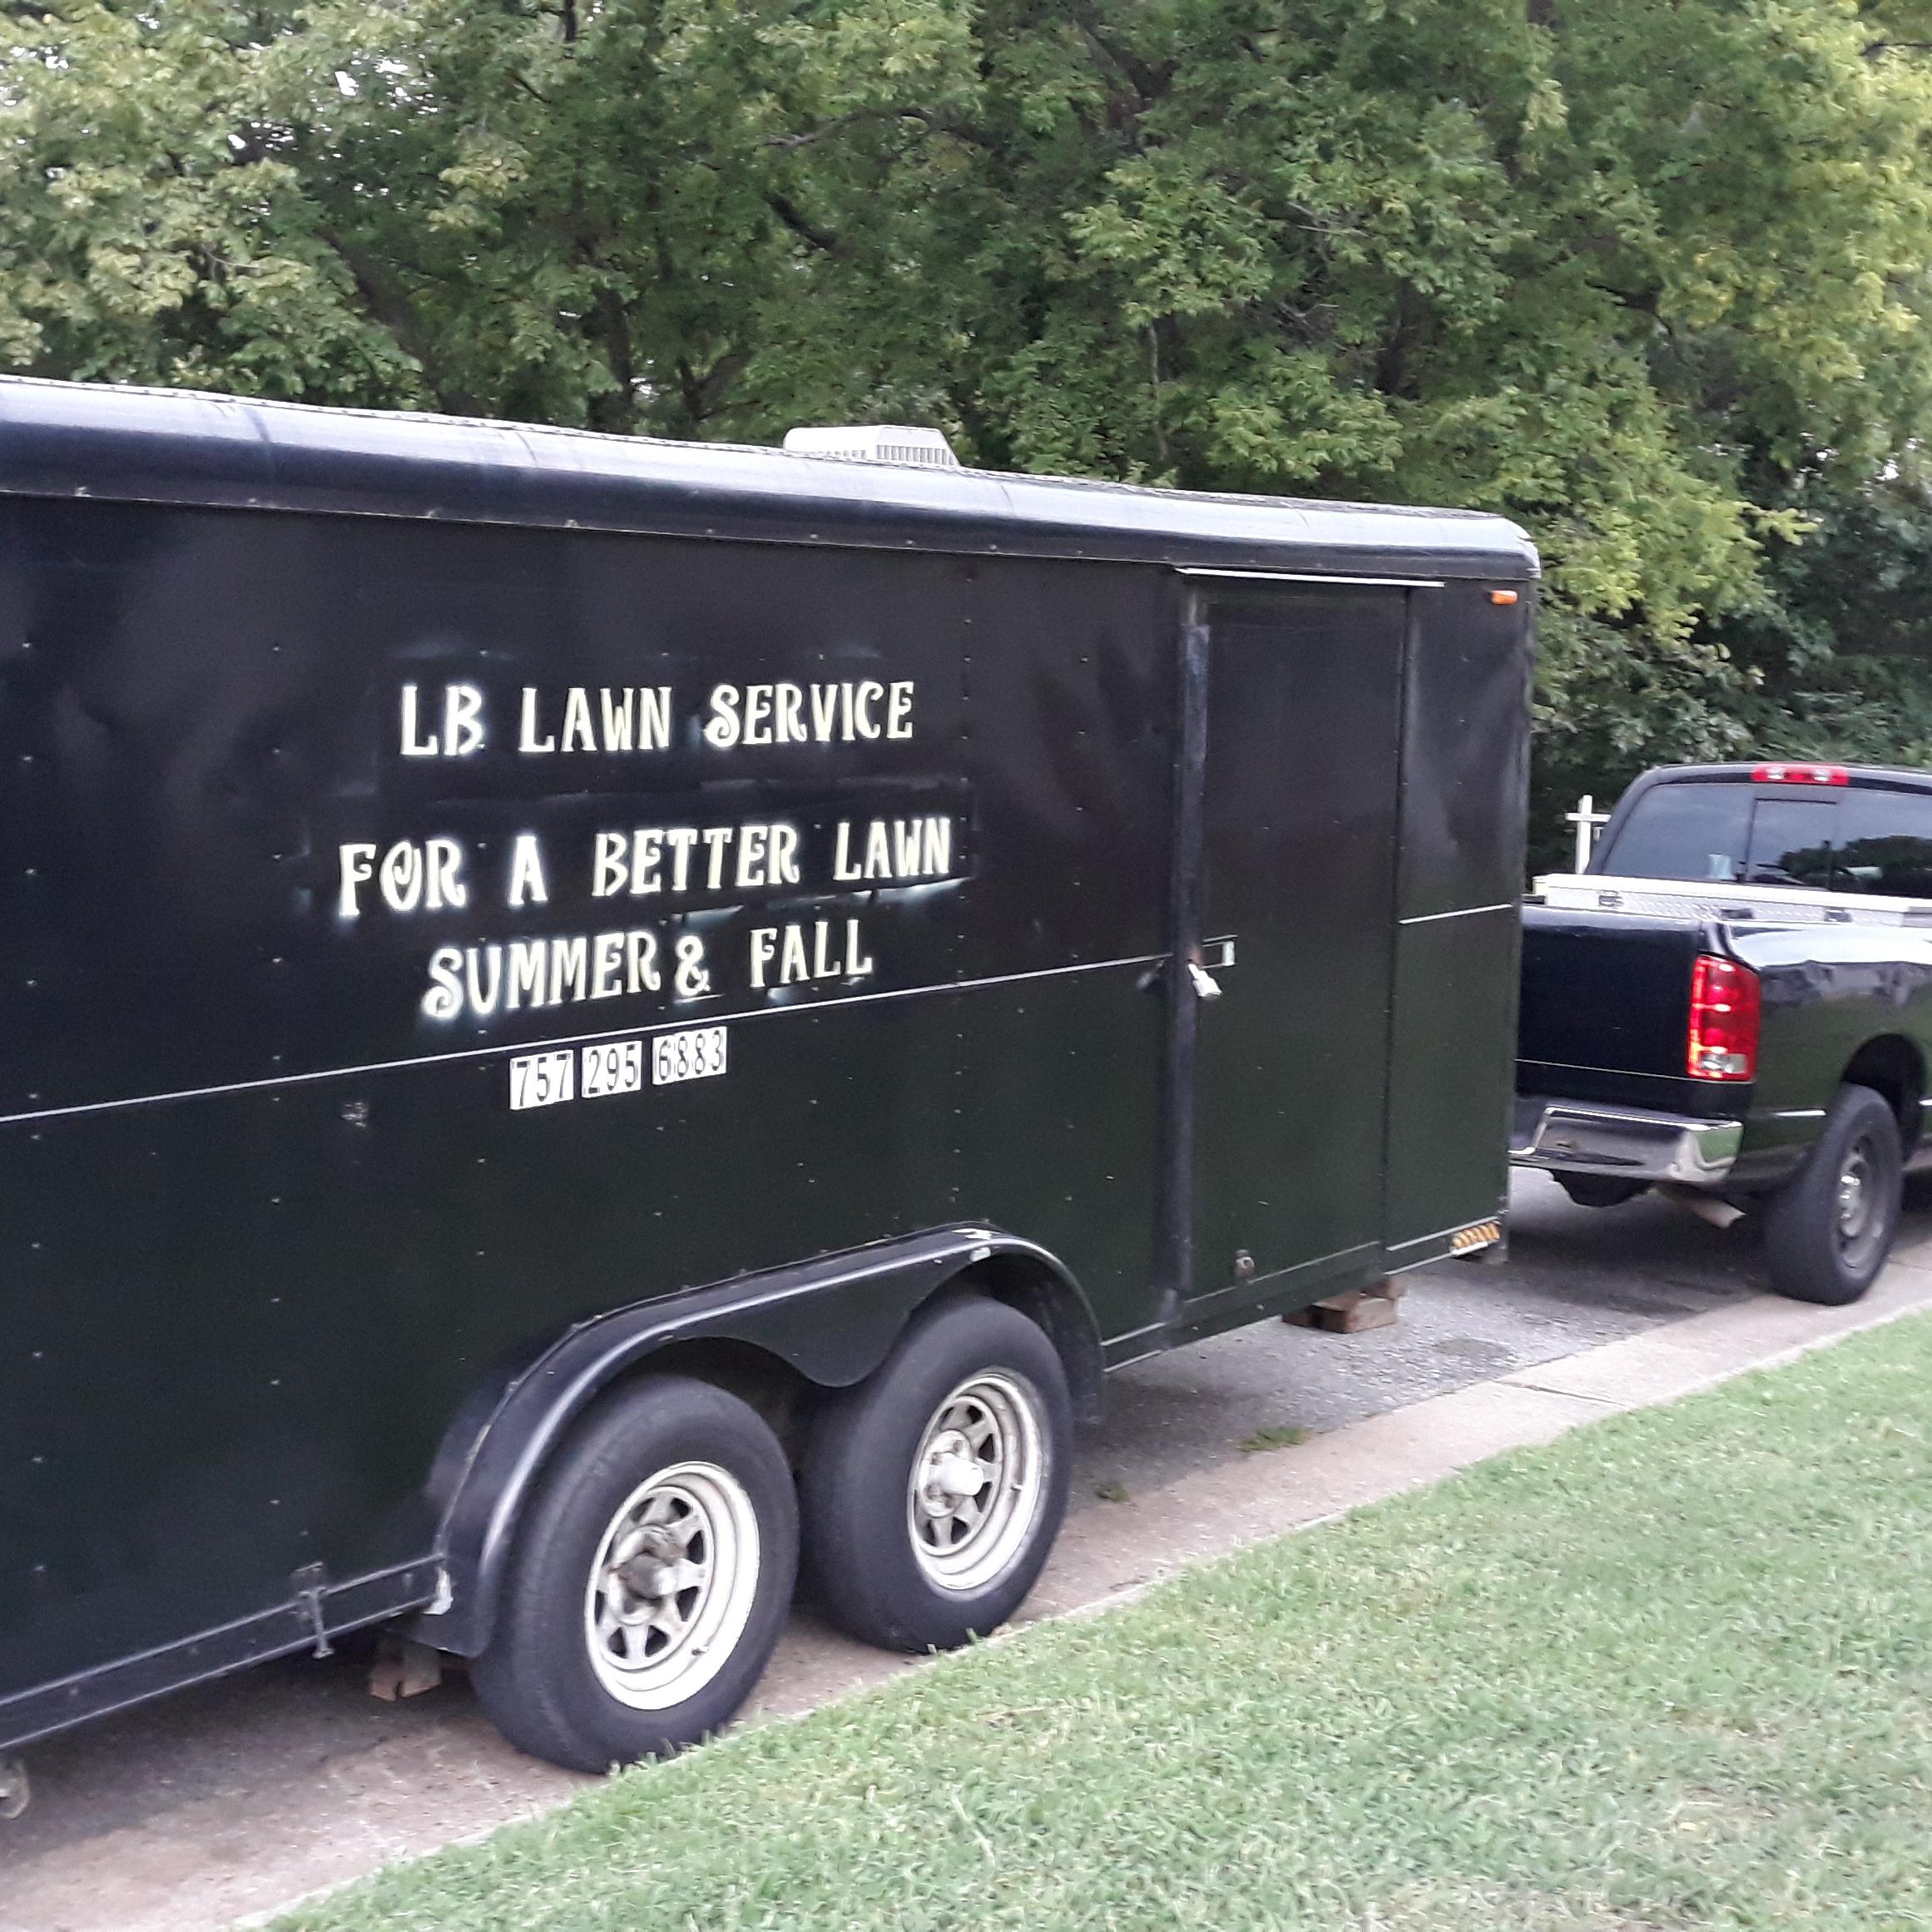 LB Lawn Service